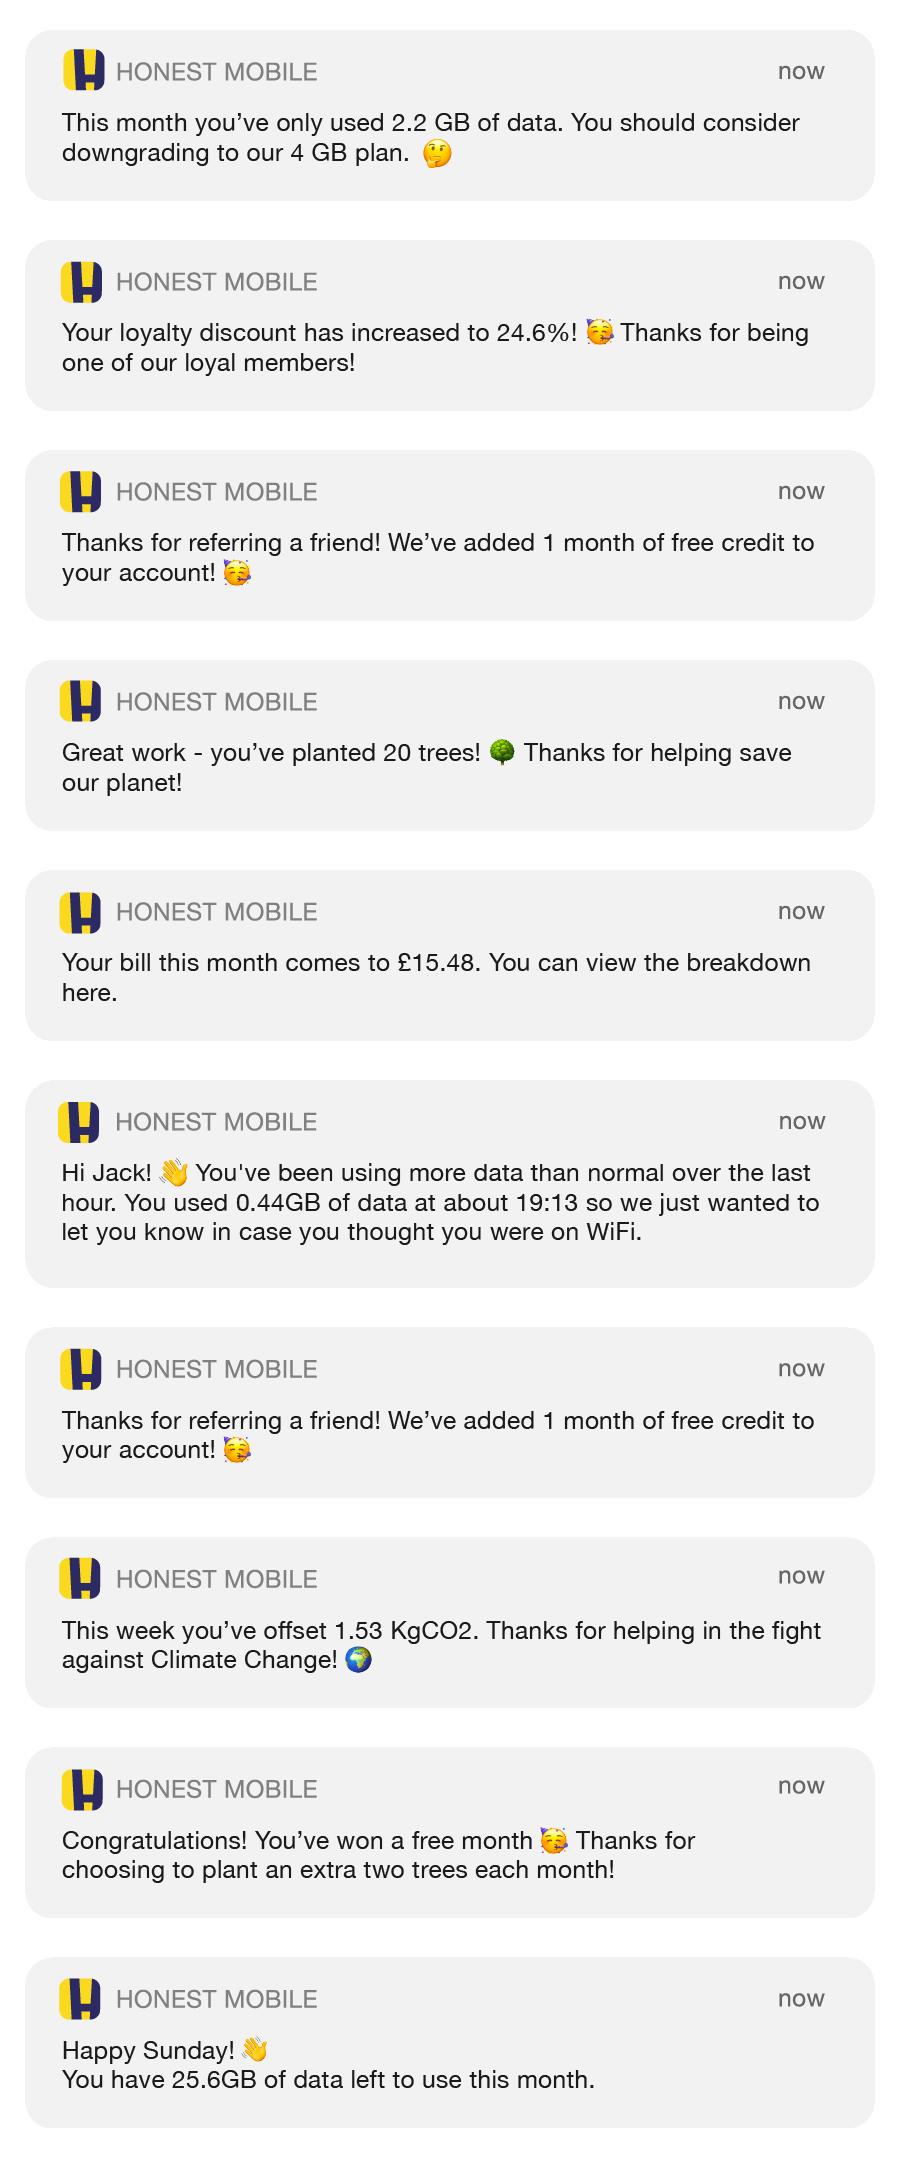 Honest Mobile Smart Notifications